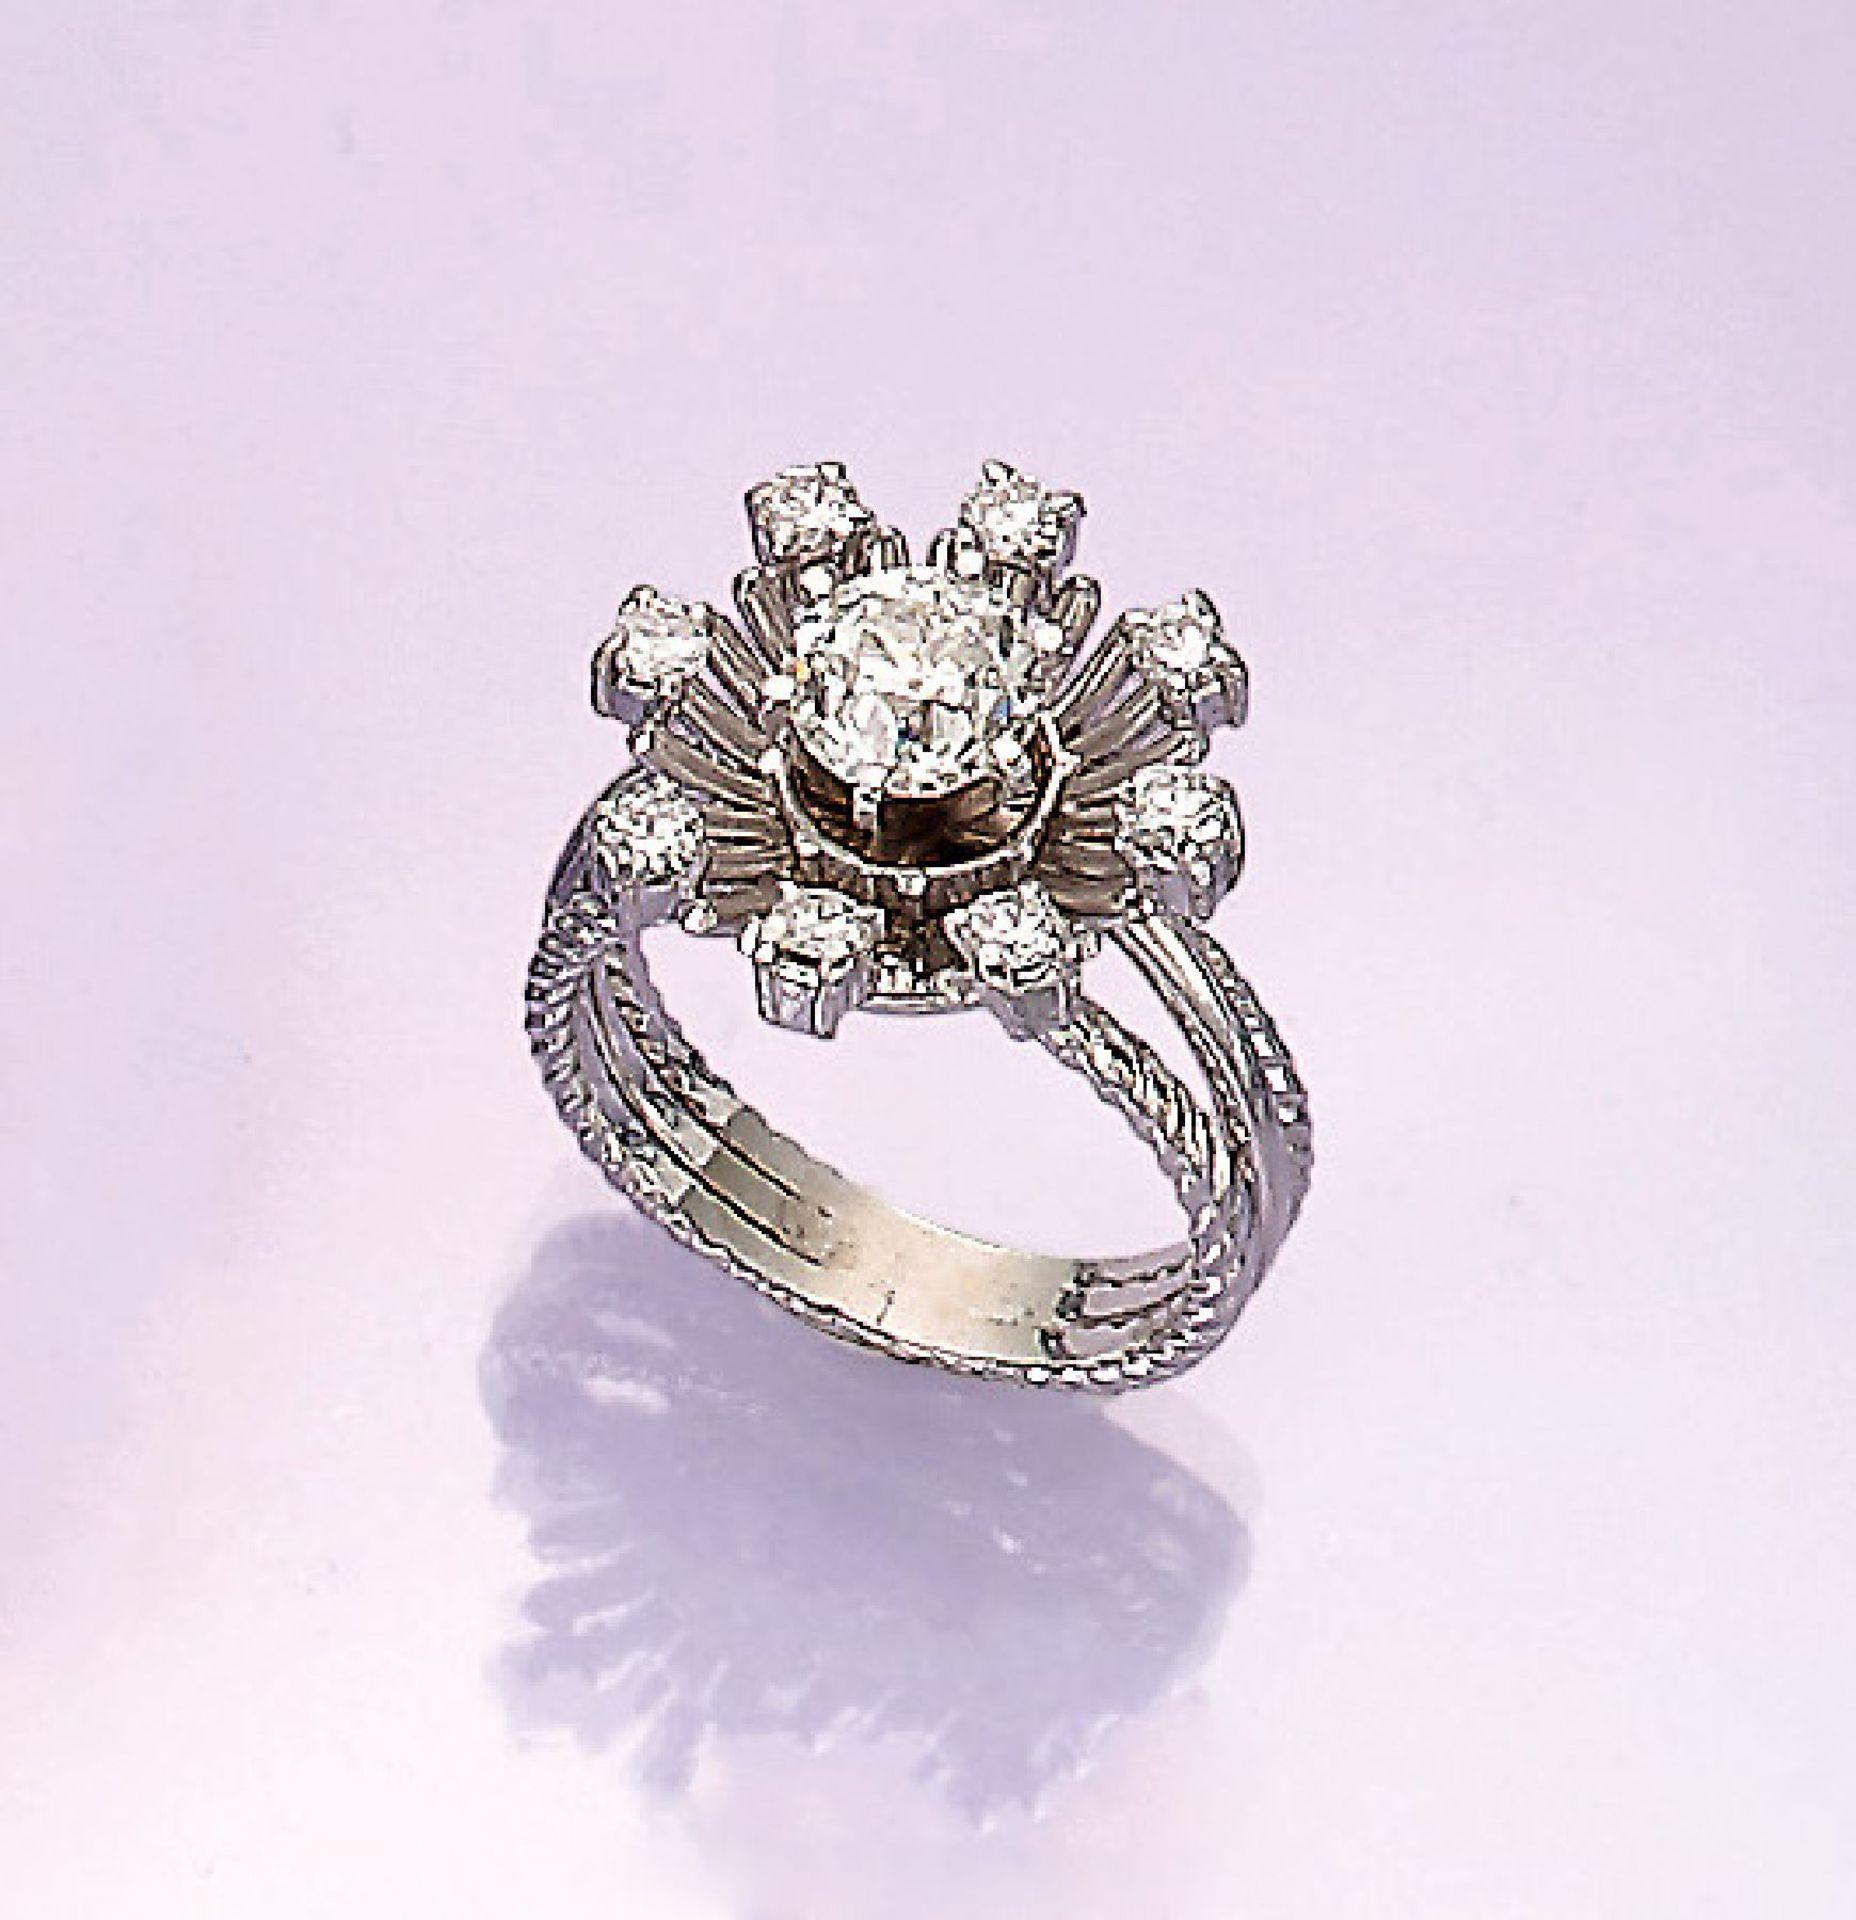 Los 31549 - 18 kt Gold Blütenring mit Brillanten, WG 750/000, mittig Altschliff-Diamant ca. 1.15 ct l.get.Weiß/p